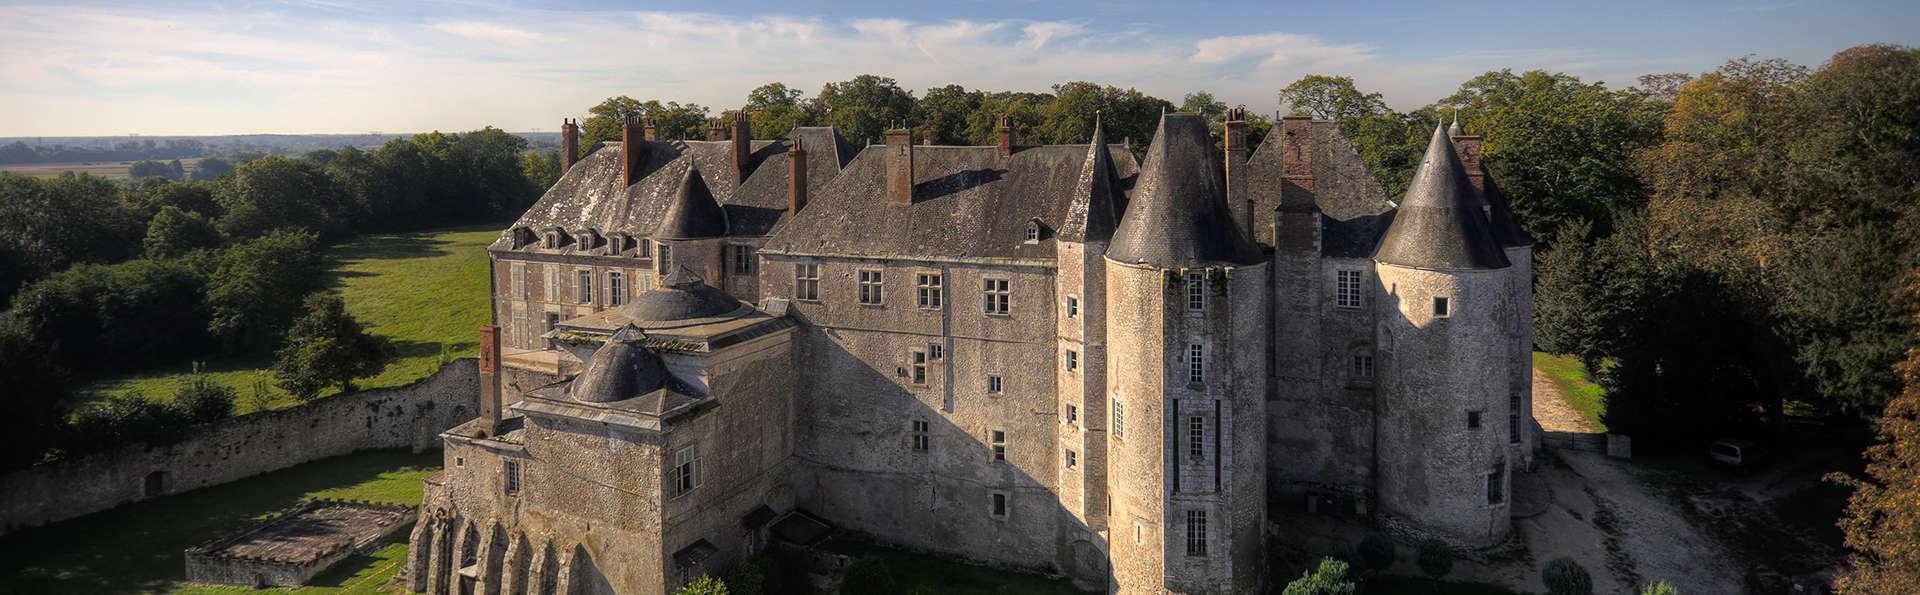 Séjour avec dîner à la découverte du château de Meung sur Loire  (à partir de 2 nuits)